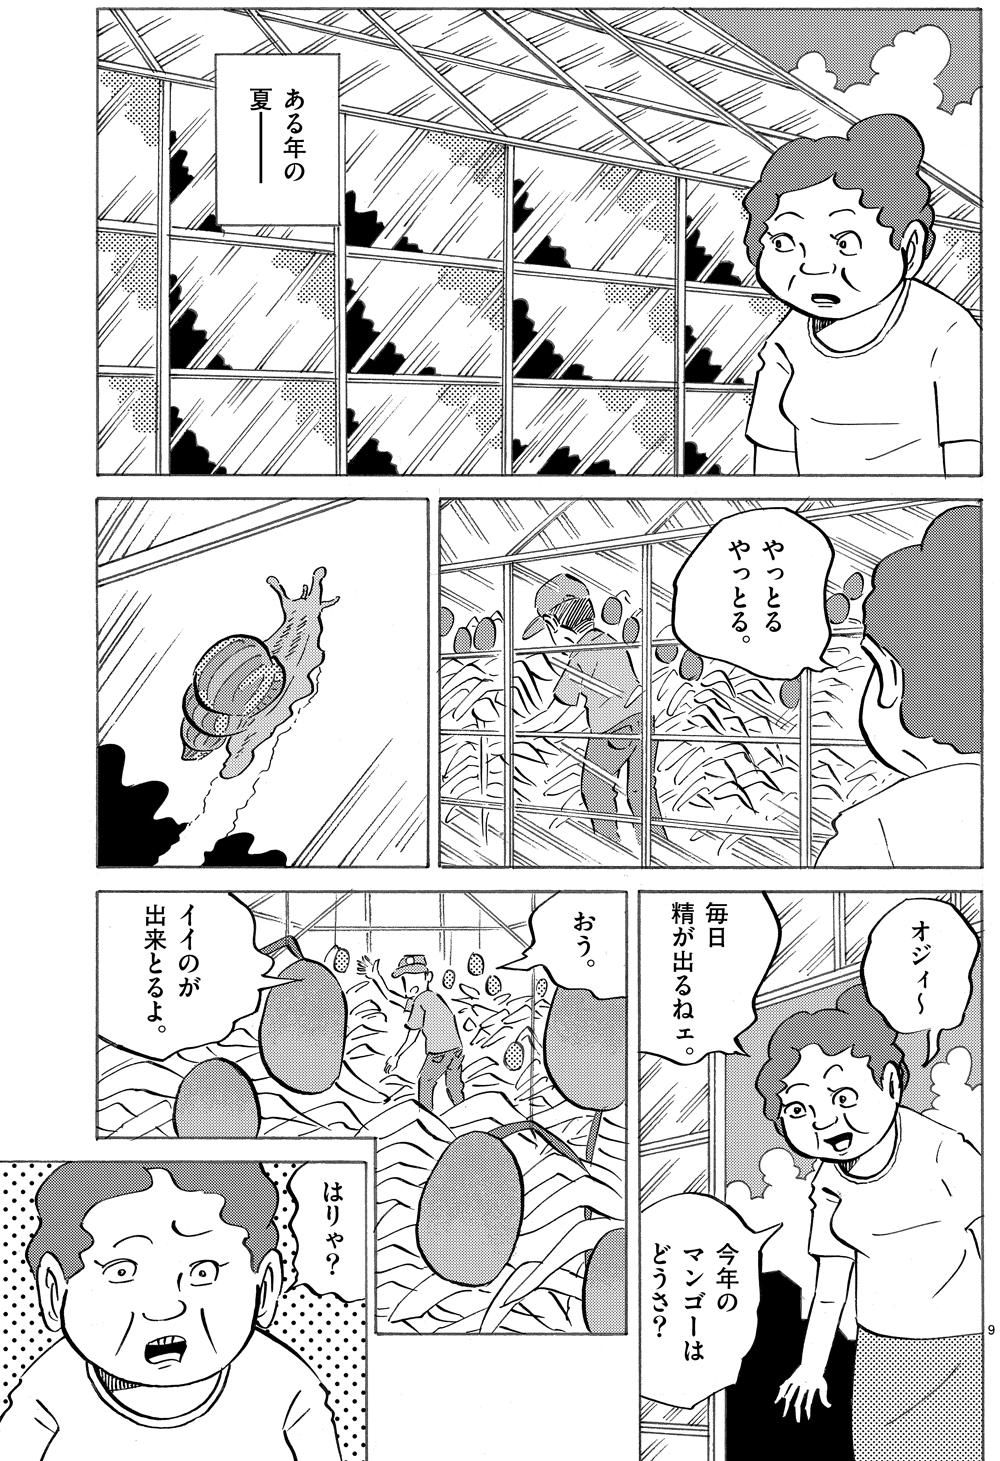 琉球怪談 【第5話】WEB掲載9ページ目画像